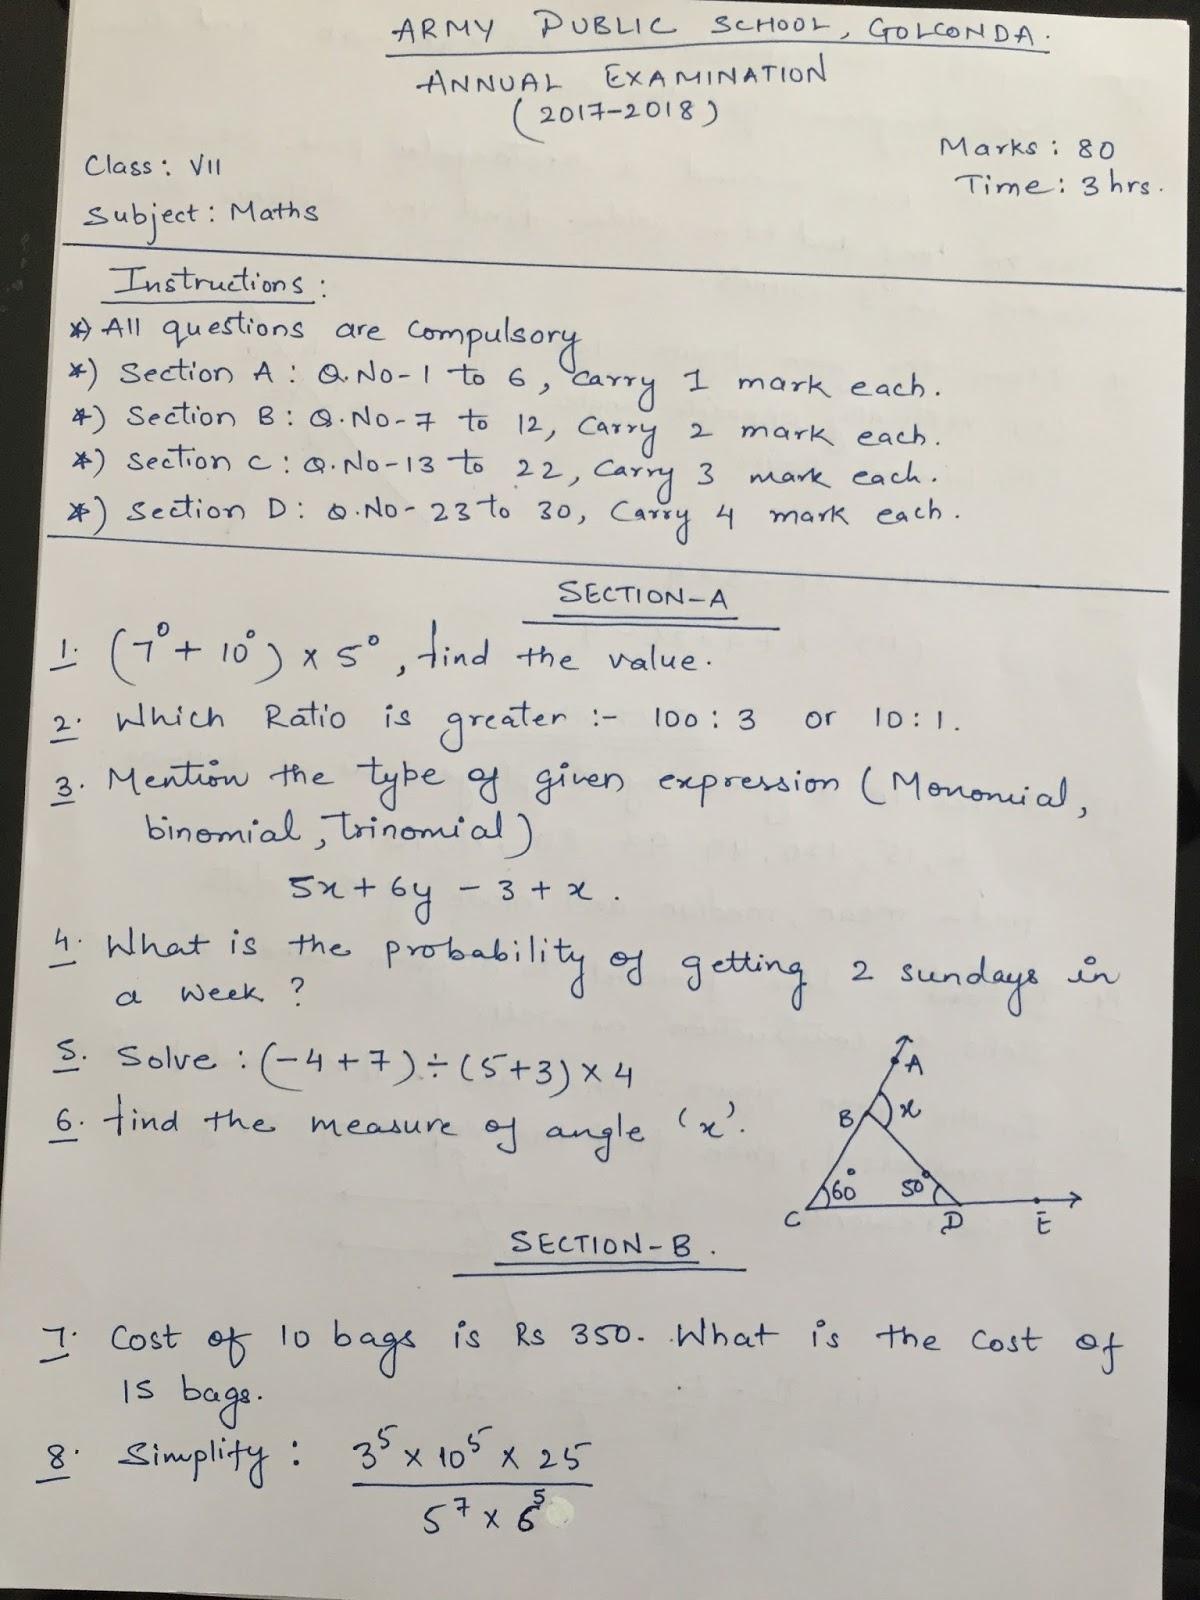 APS, Golconda   Priyanka Gupta: CLASS 7 / MATHS / REVISION